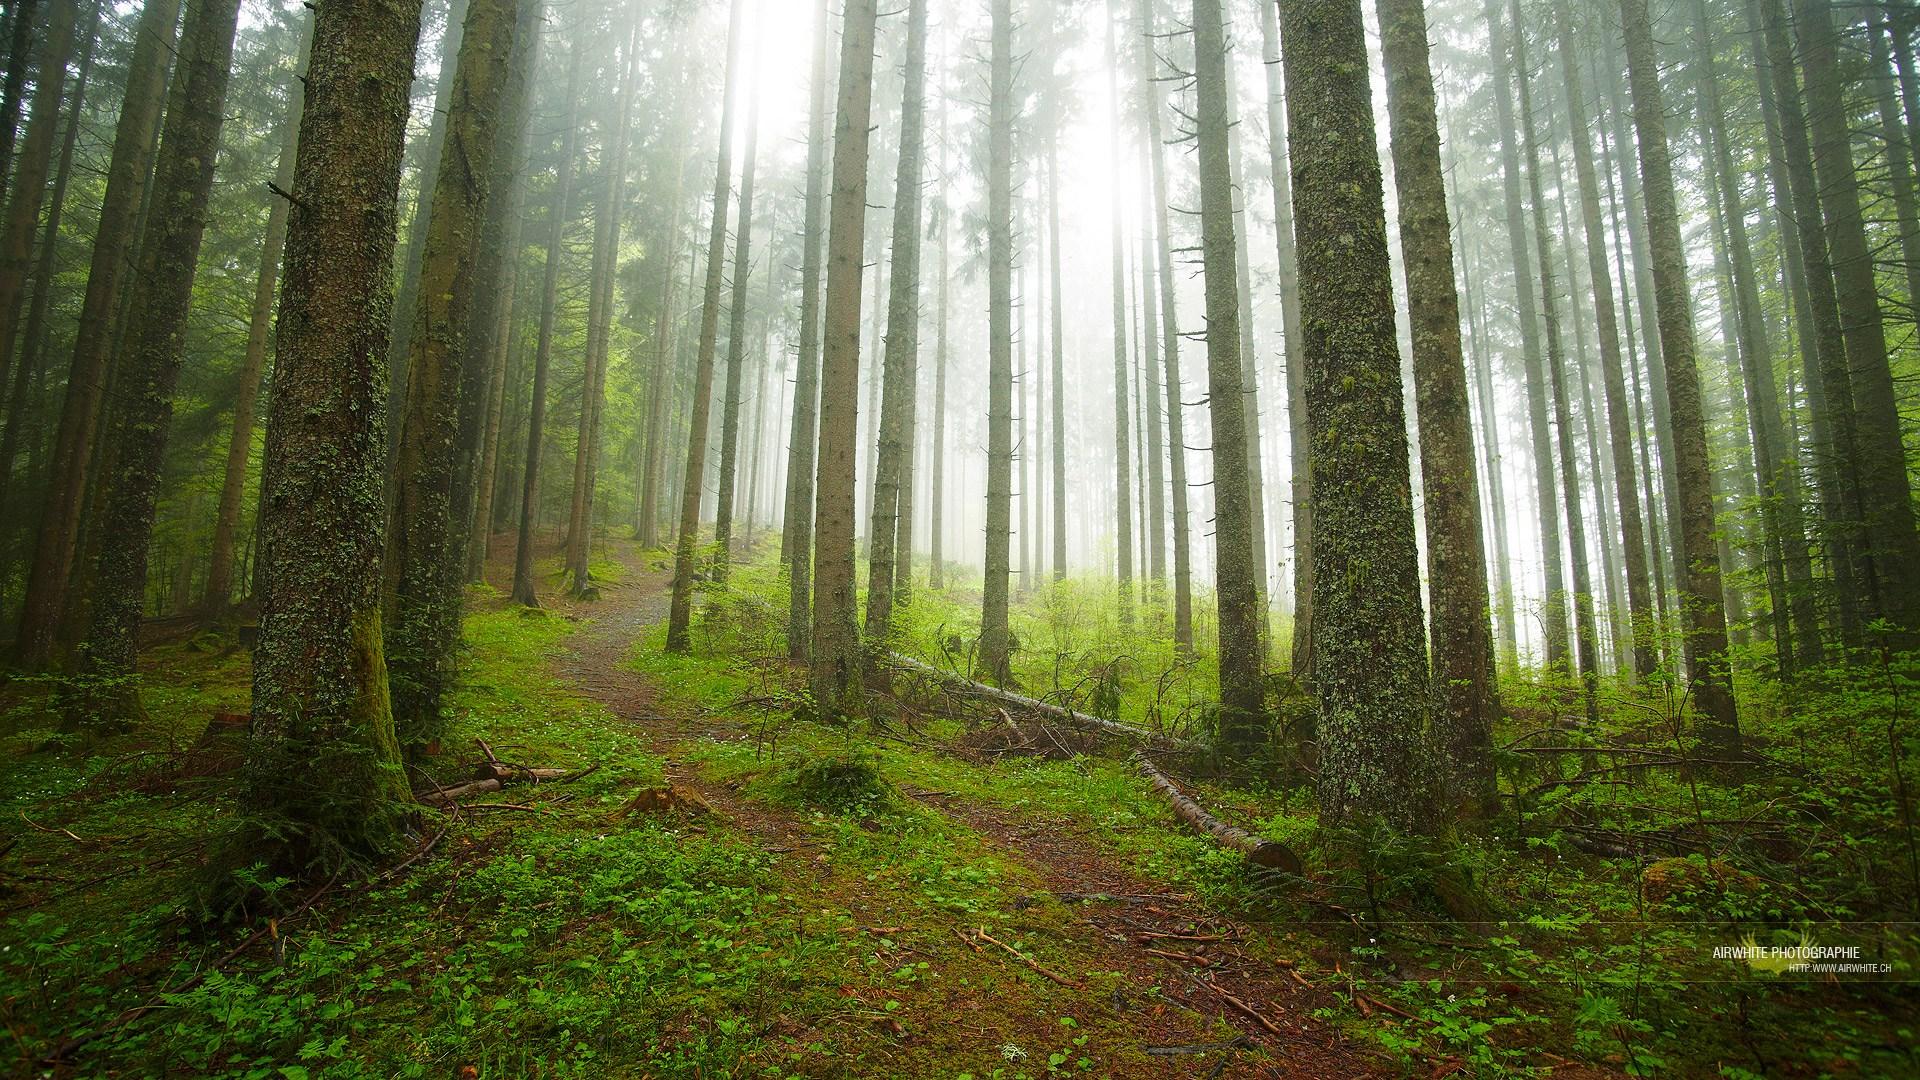 Télécharger fonds d'écran forêt gratuitement